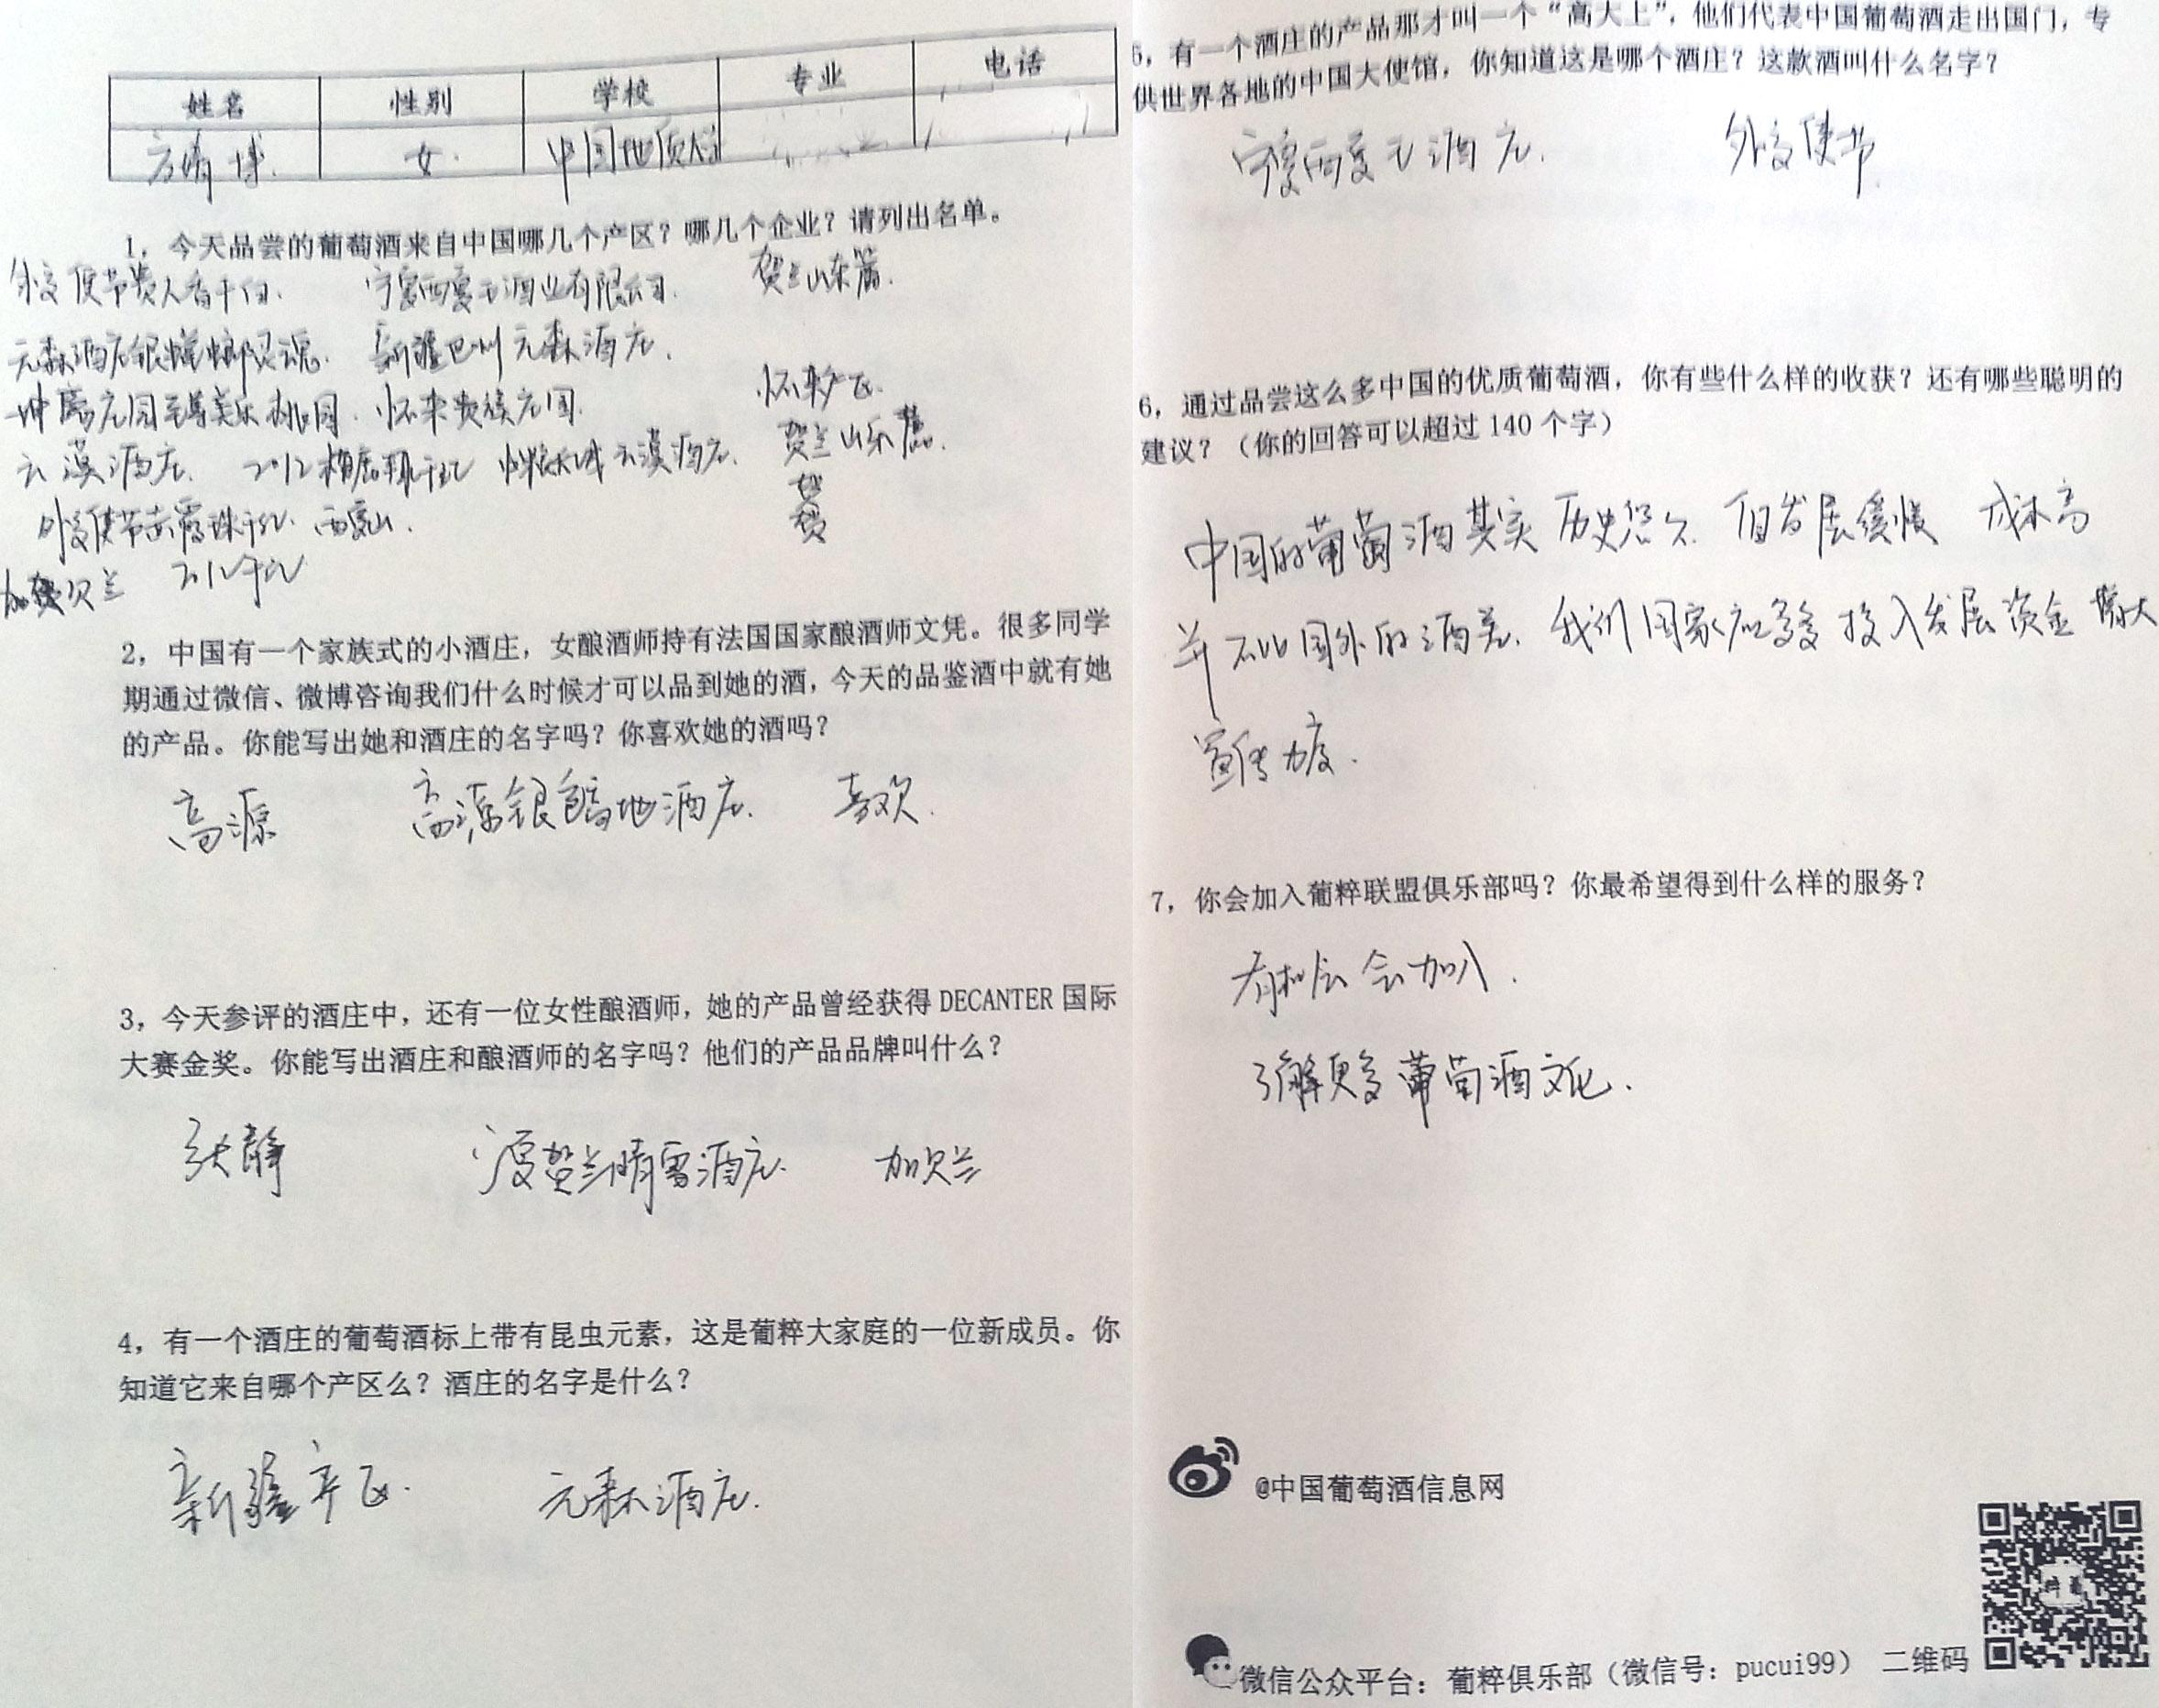 2014葡粹校园行之中国农大(19)